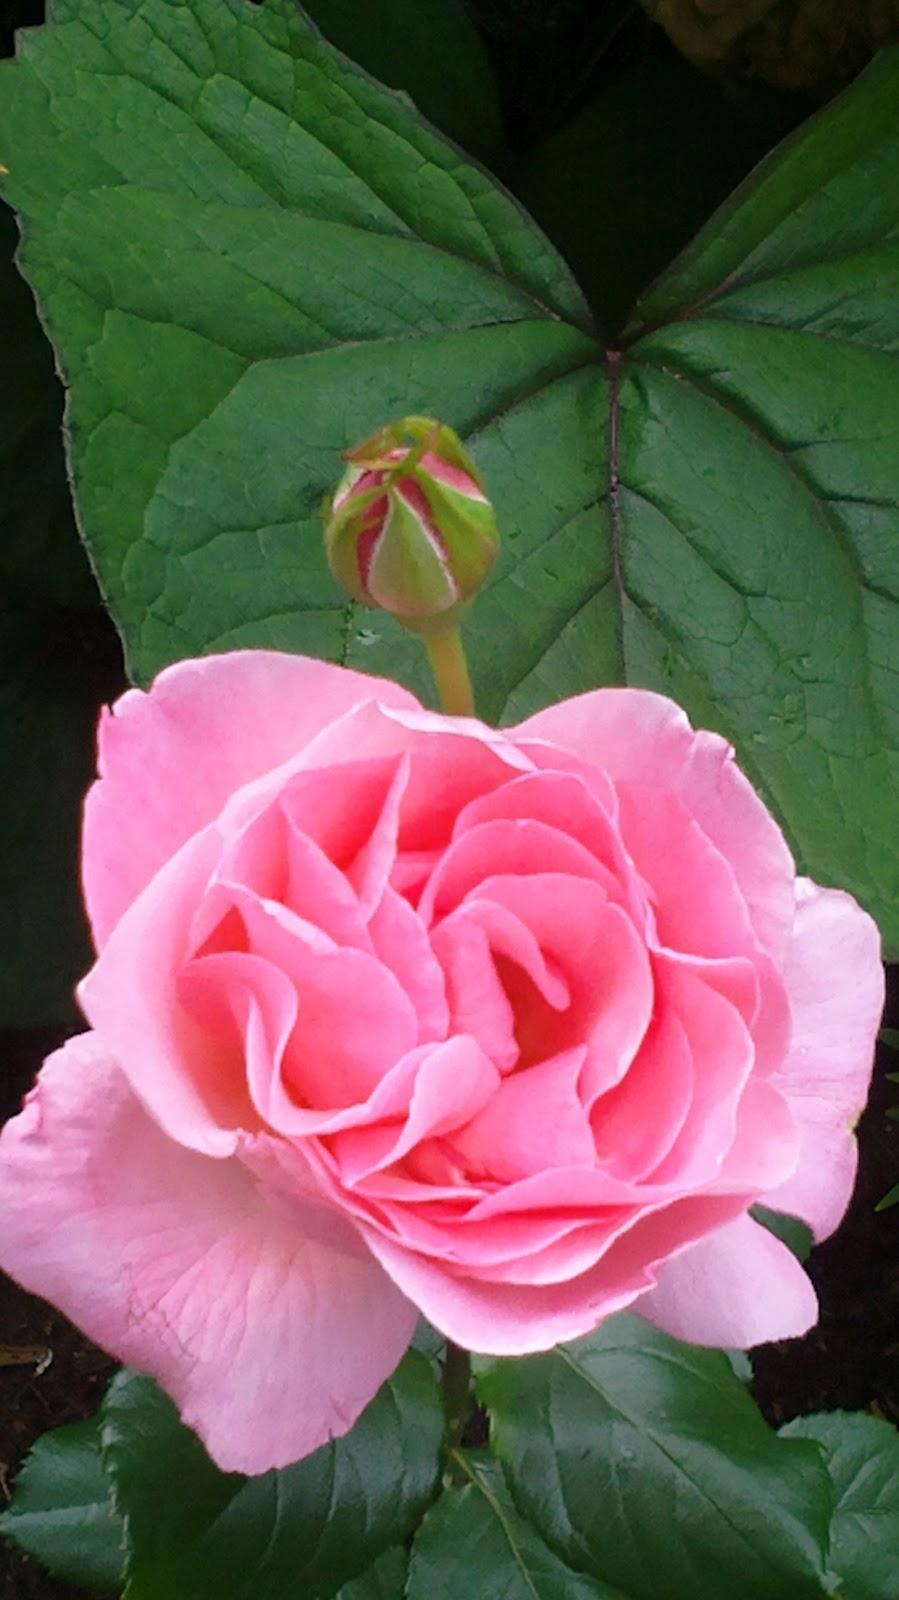 Vaaleanpunainen ryhmäruusu ja keltainen lilja kukkivat – A pink rose and yellow lilies are blooming